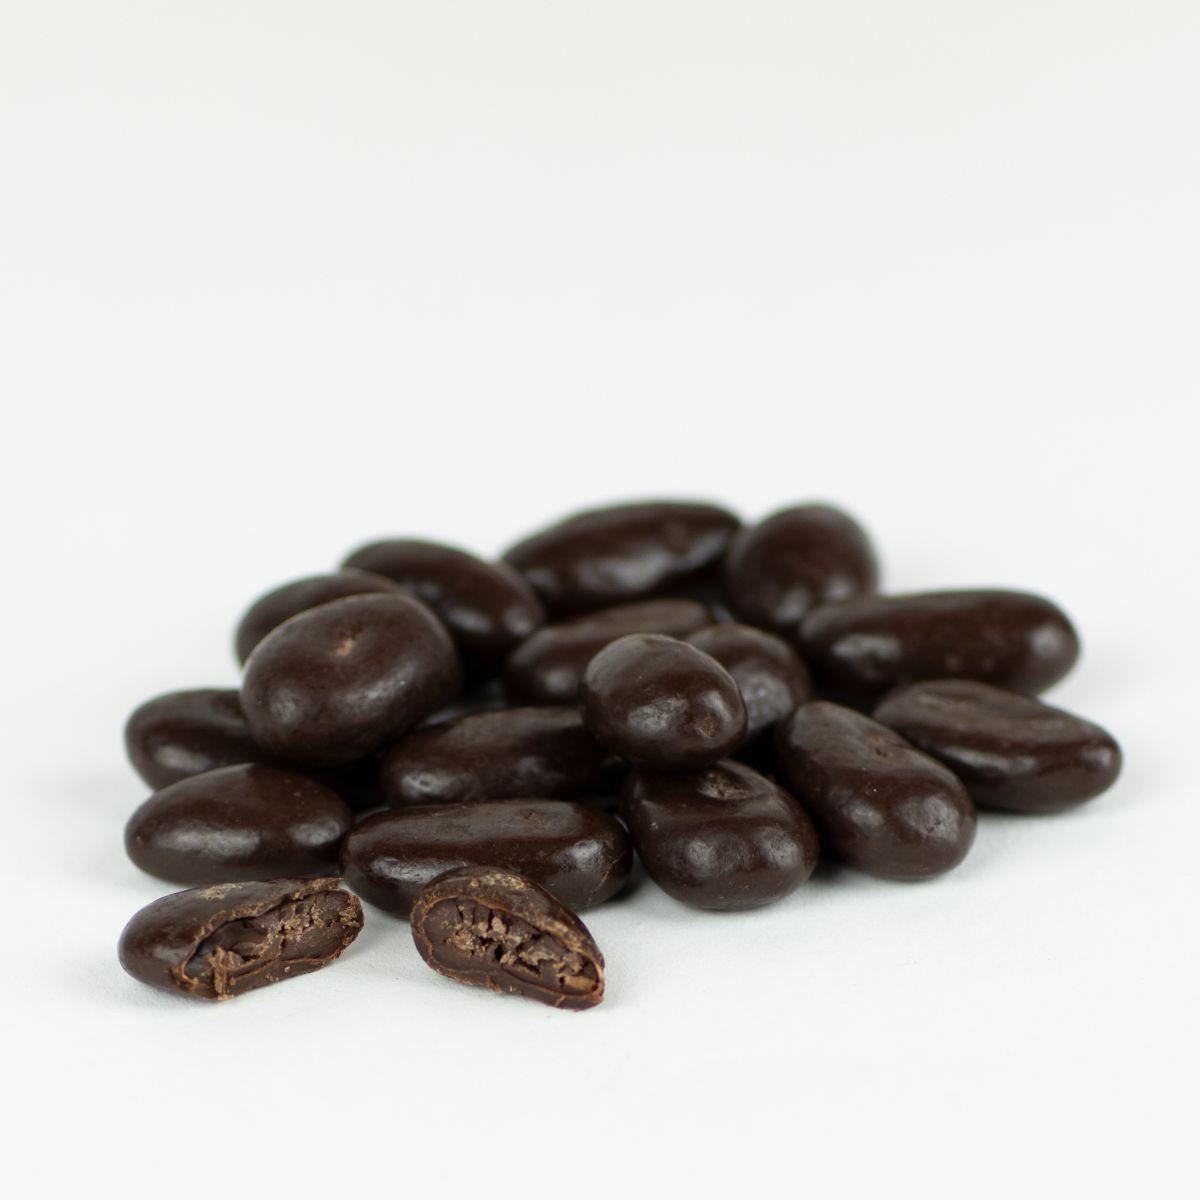 MHD 03/2020 - Kakaobohnen umhüllt von dunkler belgischer Schokolade, 150 Gramm